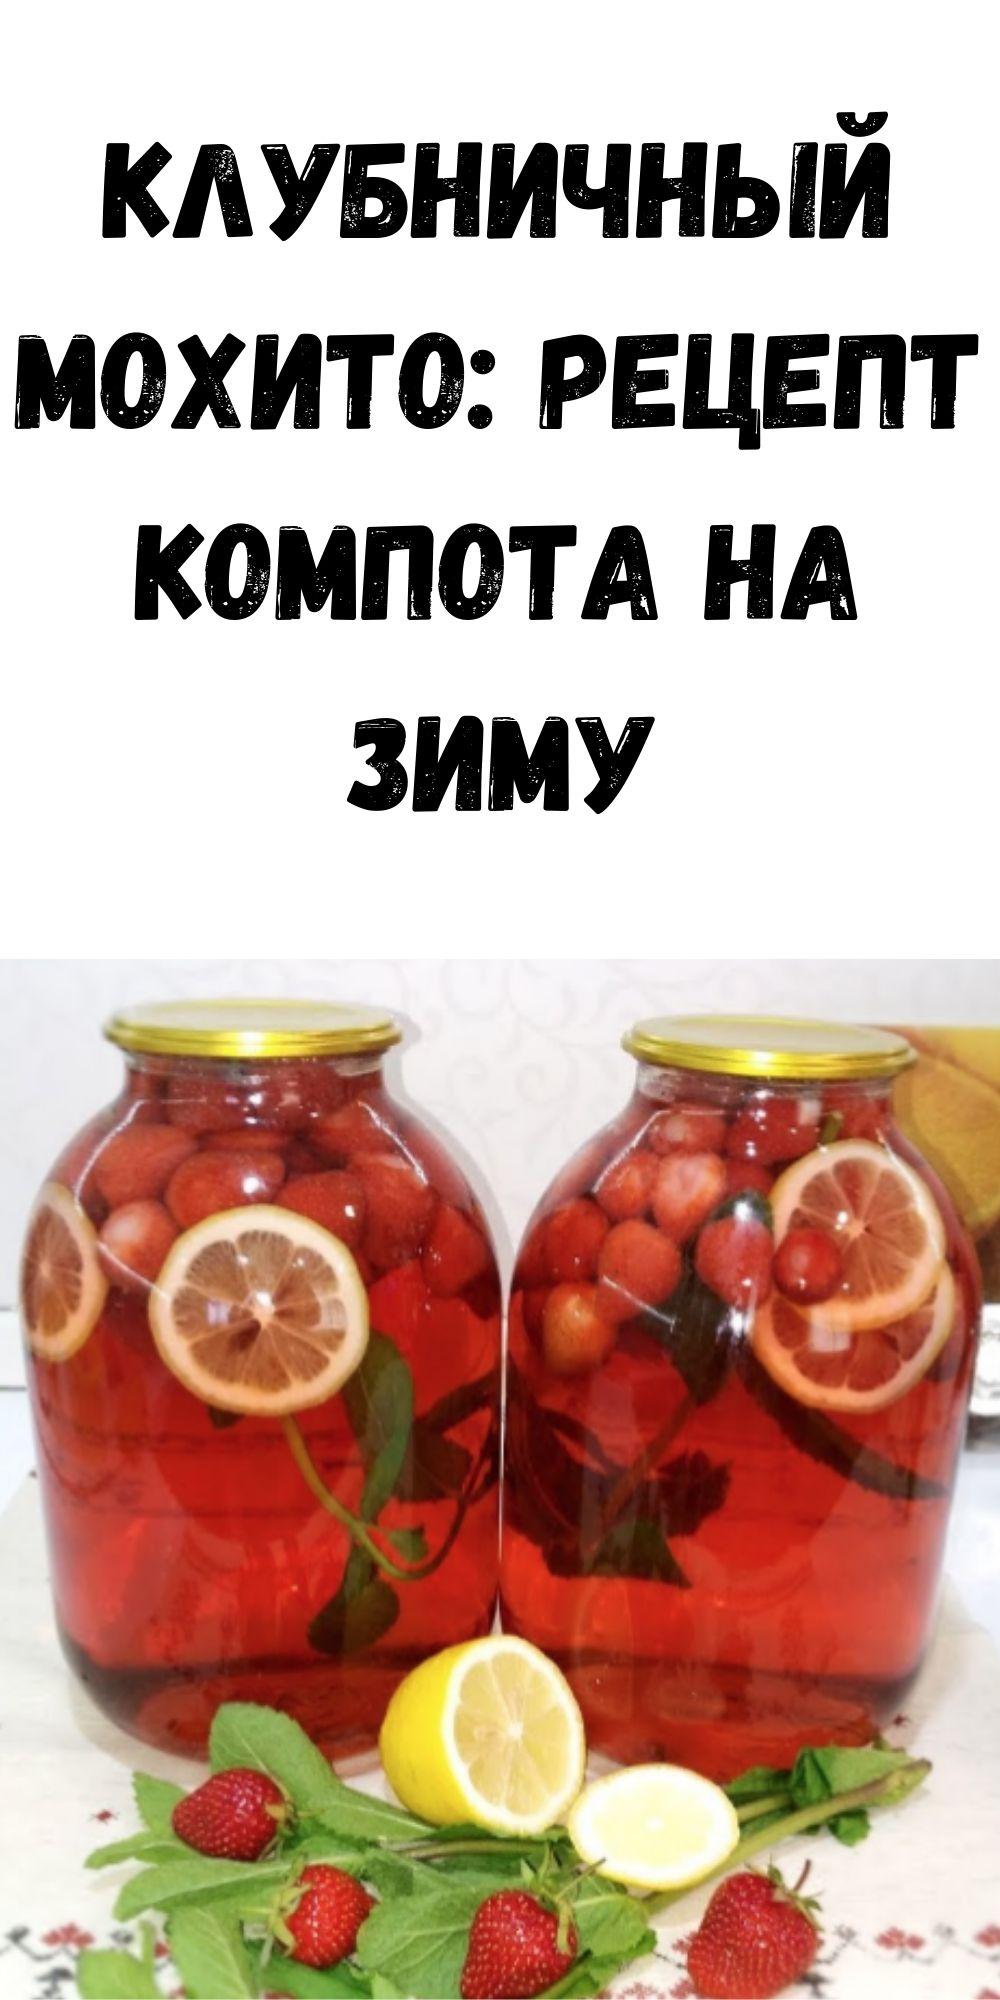 Клубничный мохито: рецепт компота на зиму